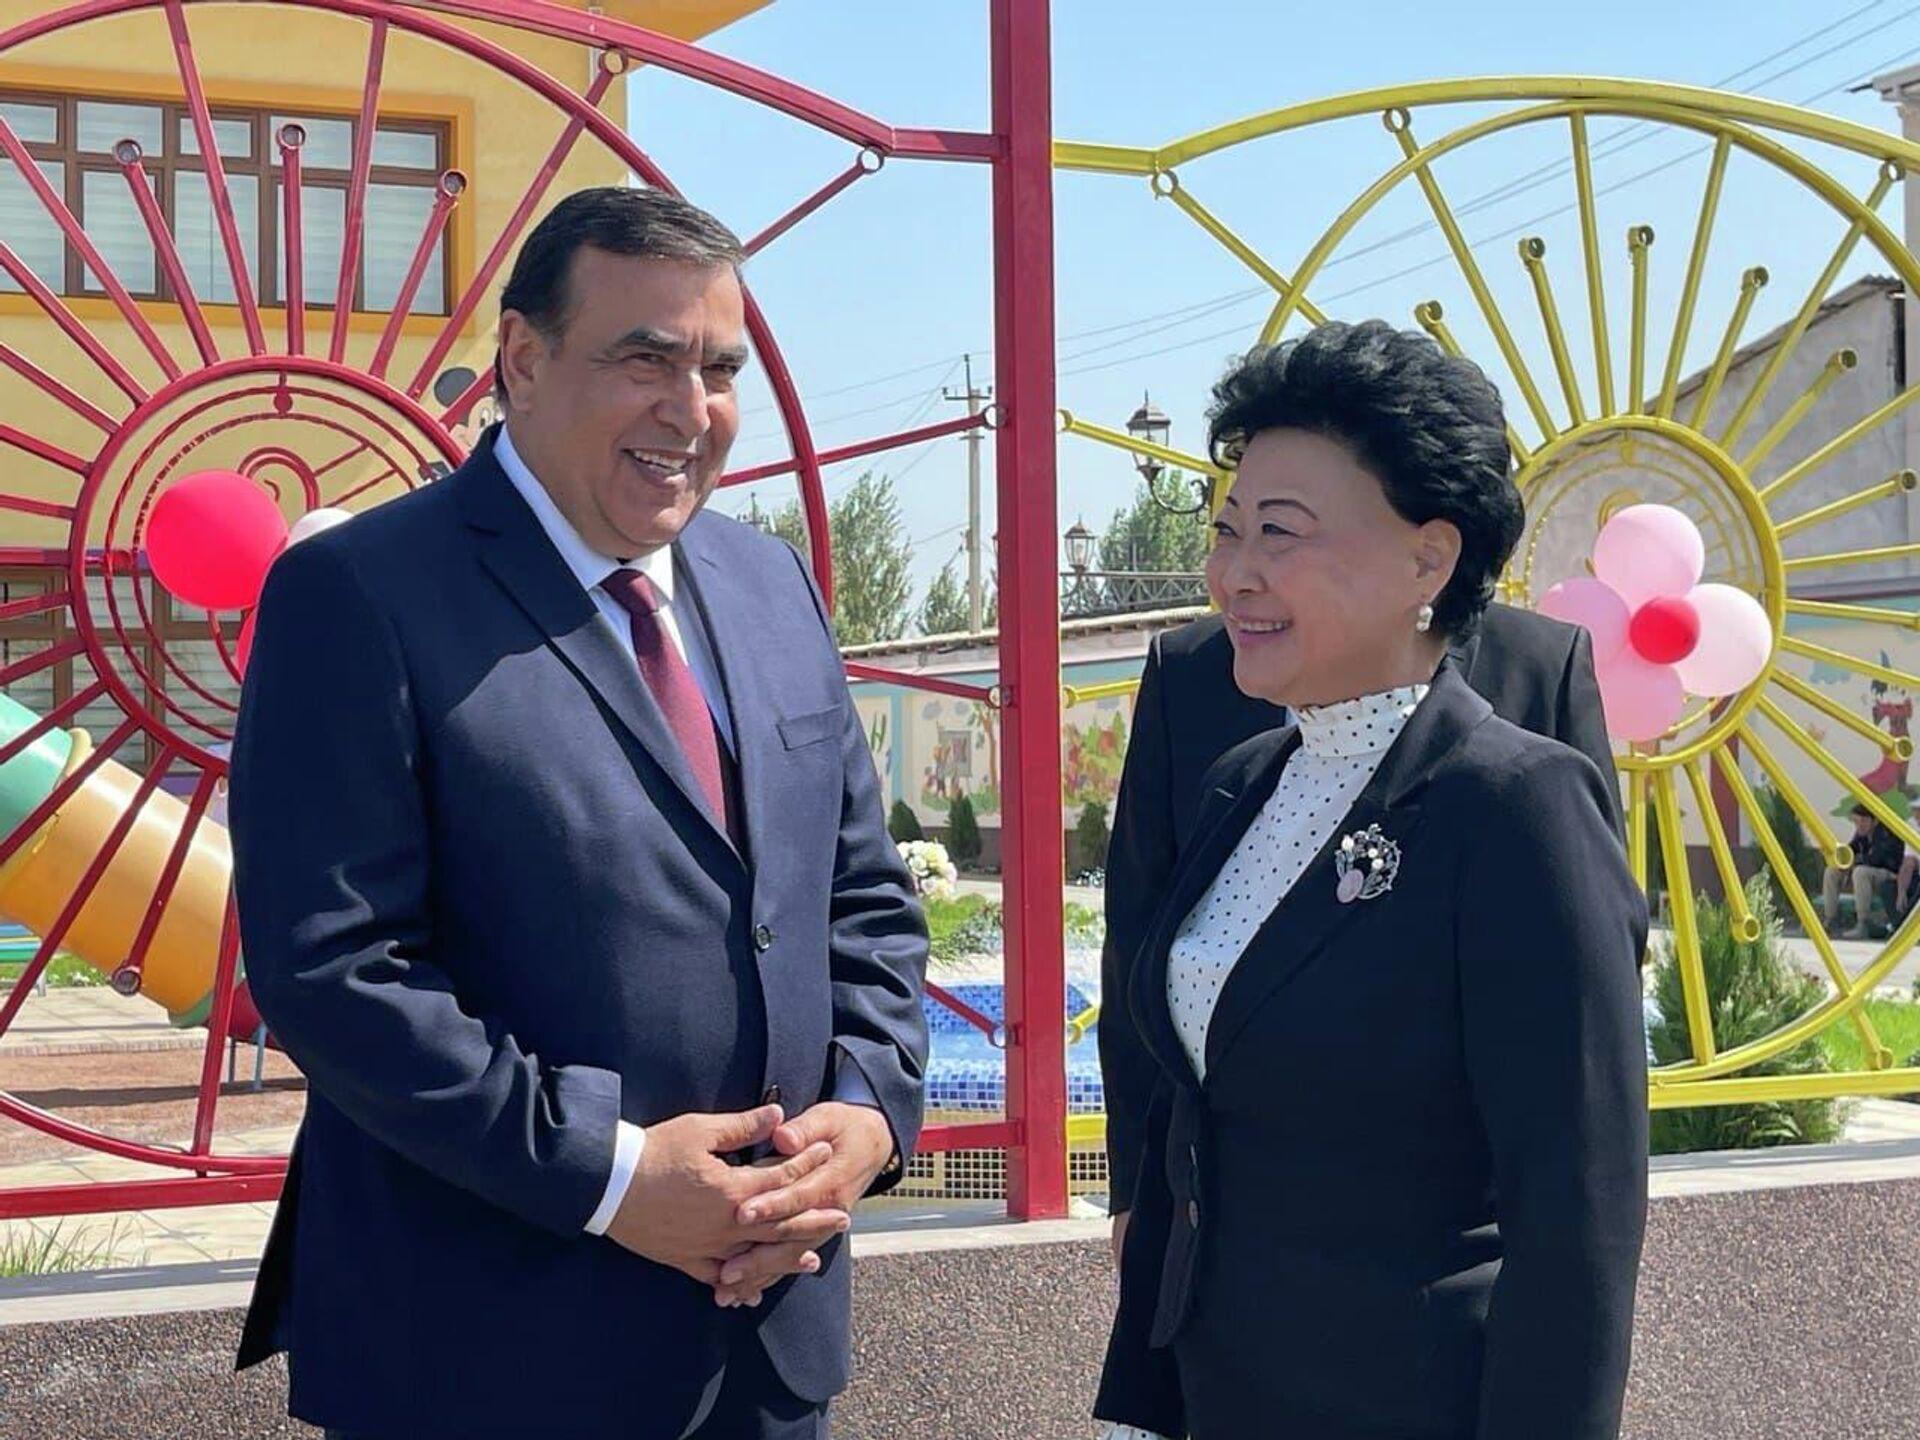 Церемония открытия детского сада Капалак в Риштанском районе Ферганской области  - Sputnik Узбекистан, 1920, 26.09.2021